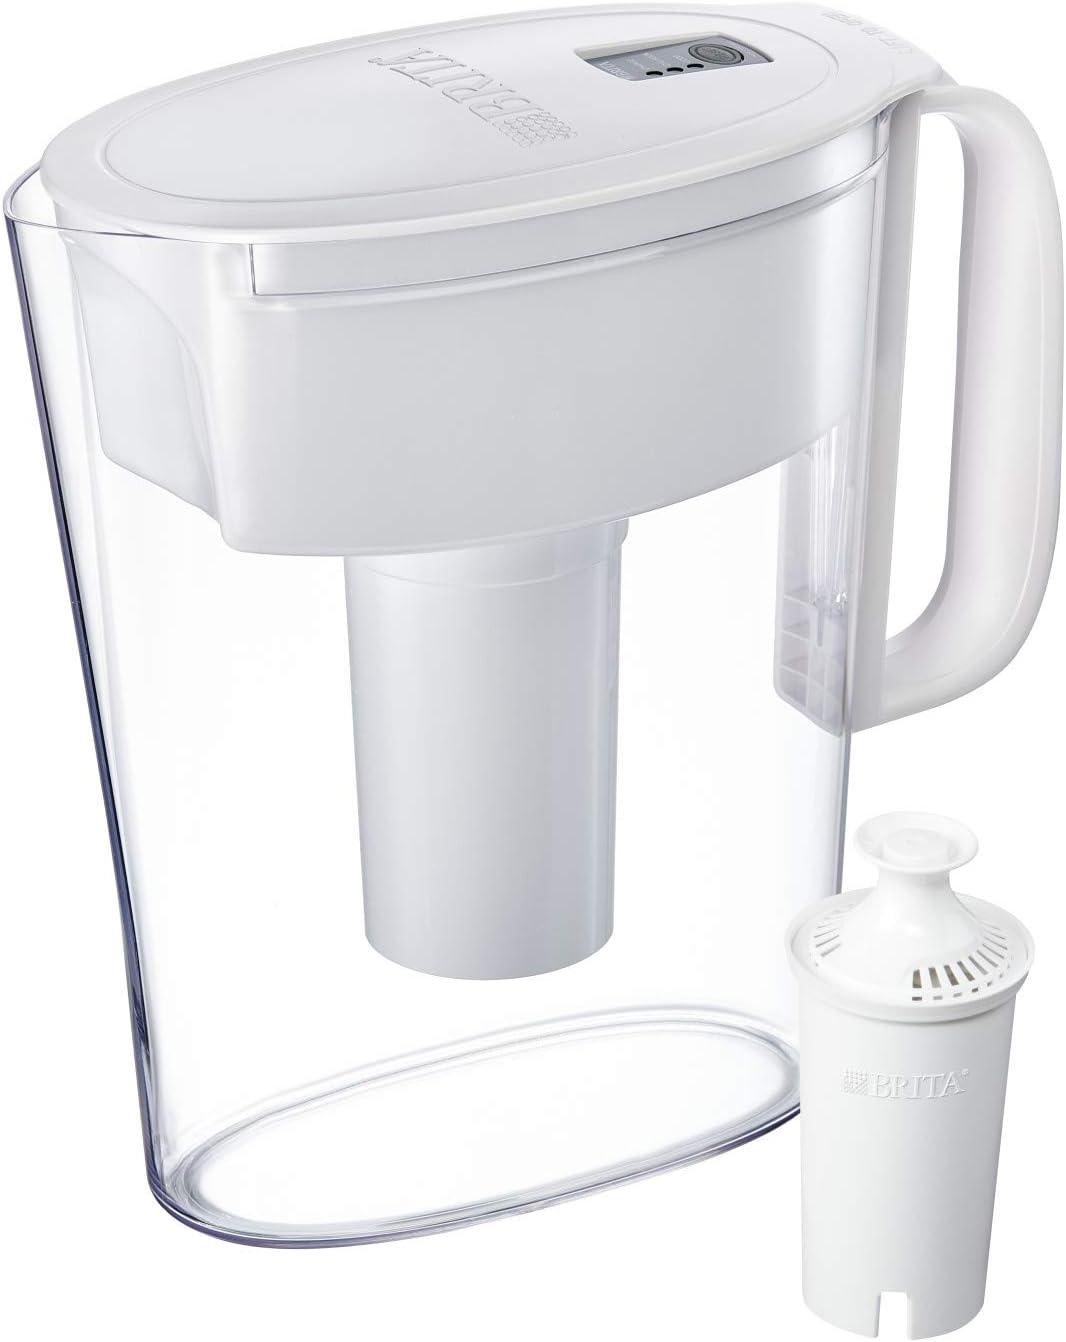 Brita 36092 Metro Water Filter Pitcher